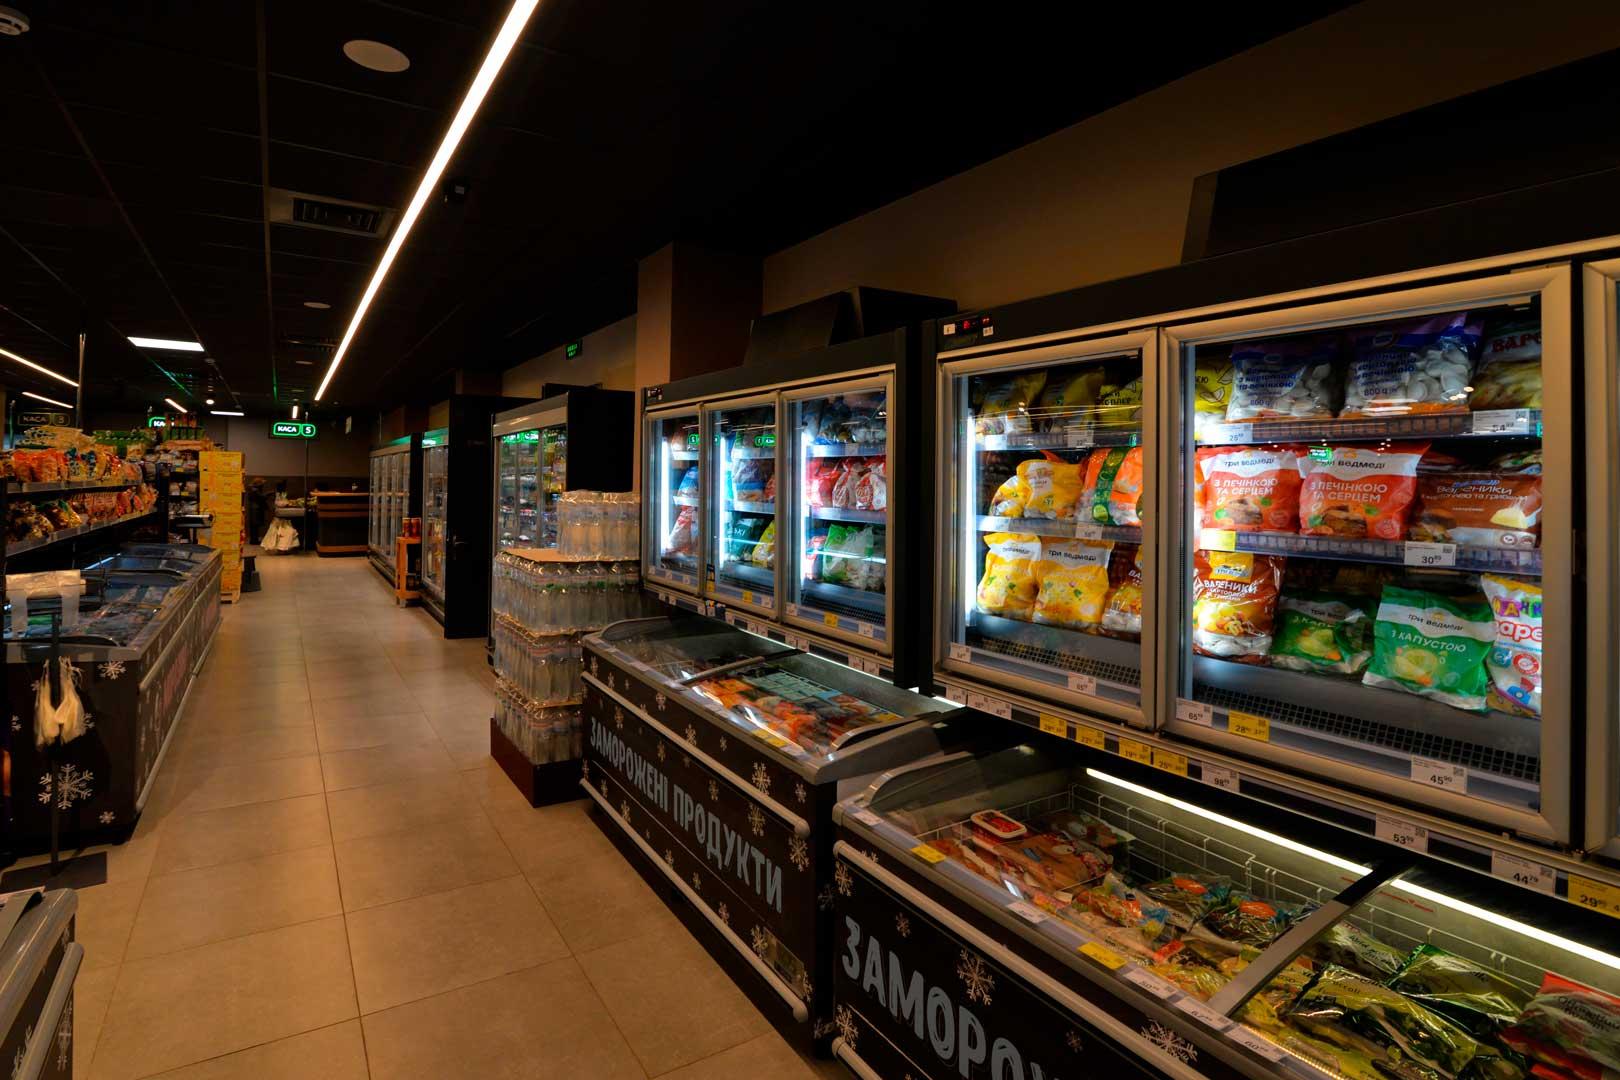 Frozen foods units Kansas VАV 076 HLT D